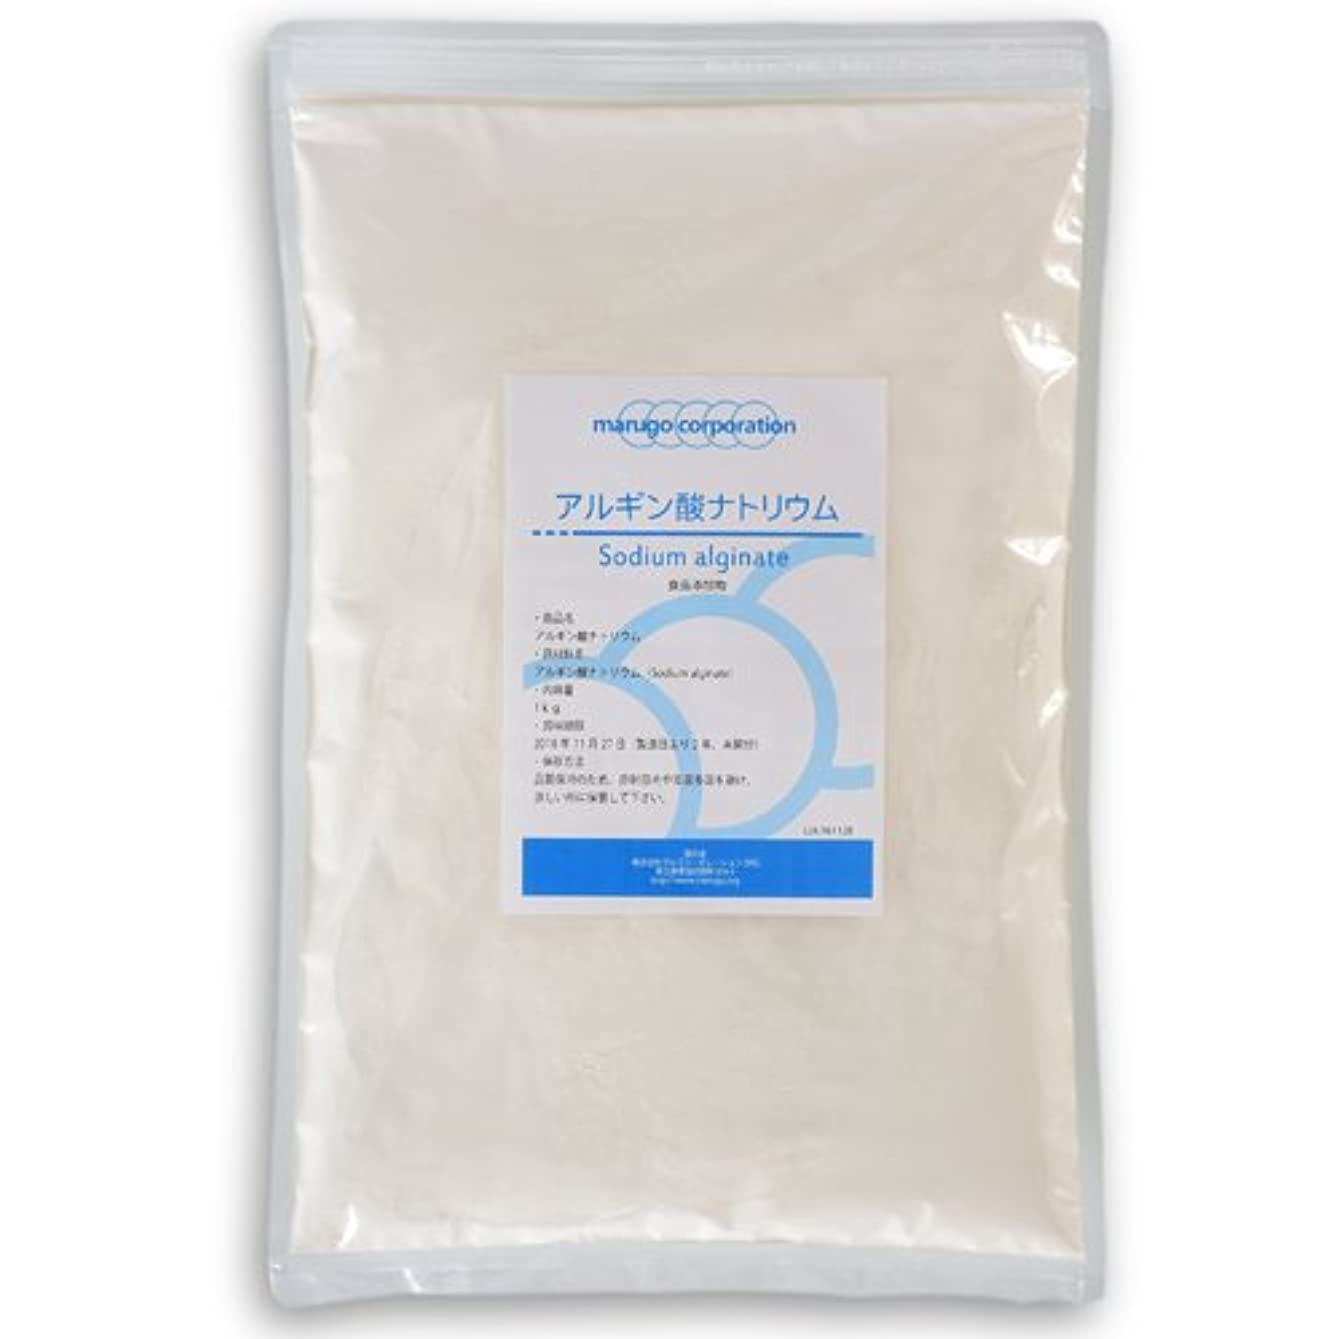 に関して苦難乱気流marugo(マルゴ) アルギン酸ナトリウム 1kg 人口イクラ ぷるぷる水 食品添加物グレード(食用)